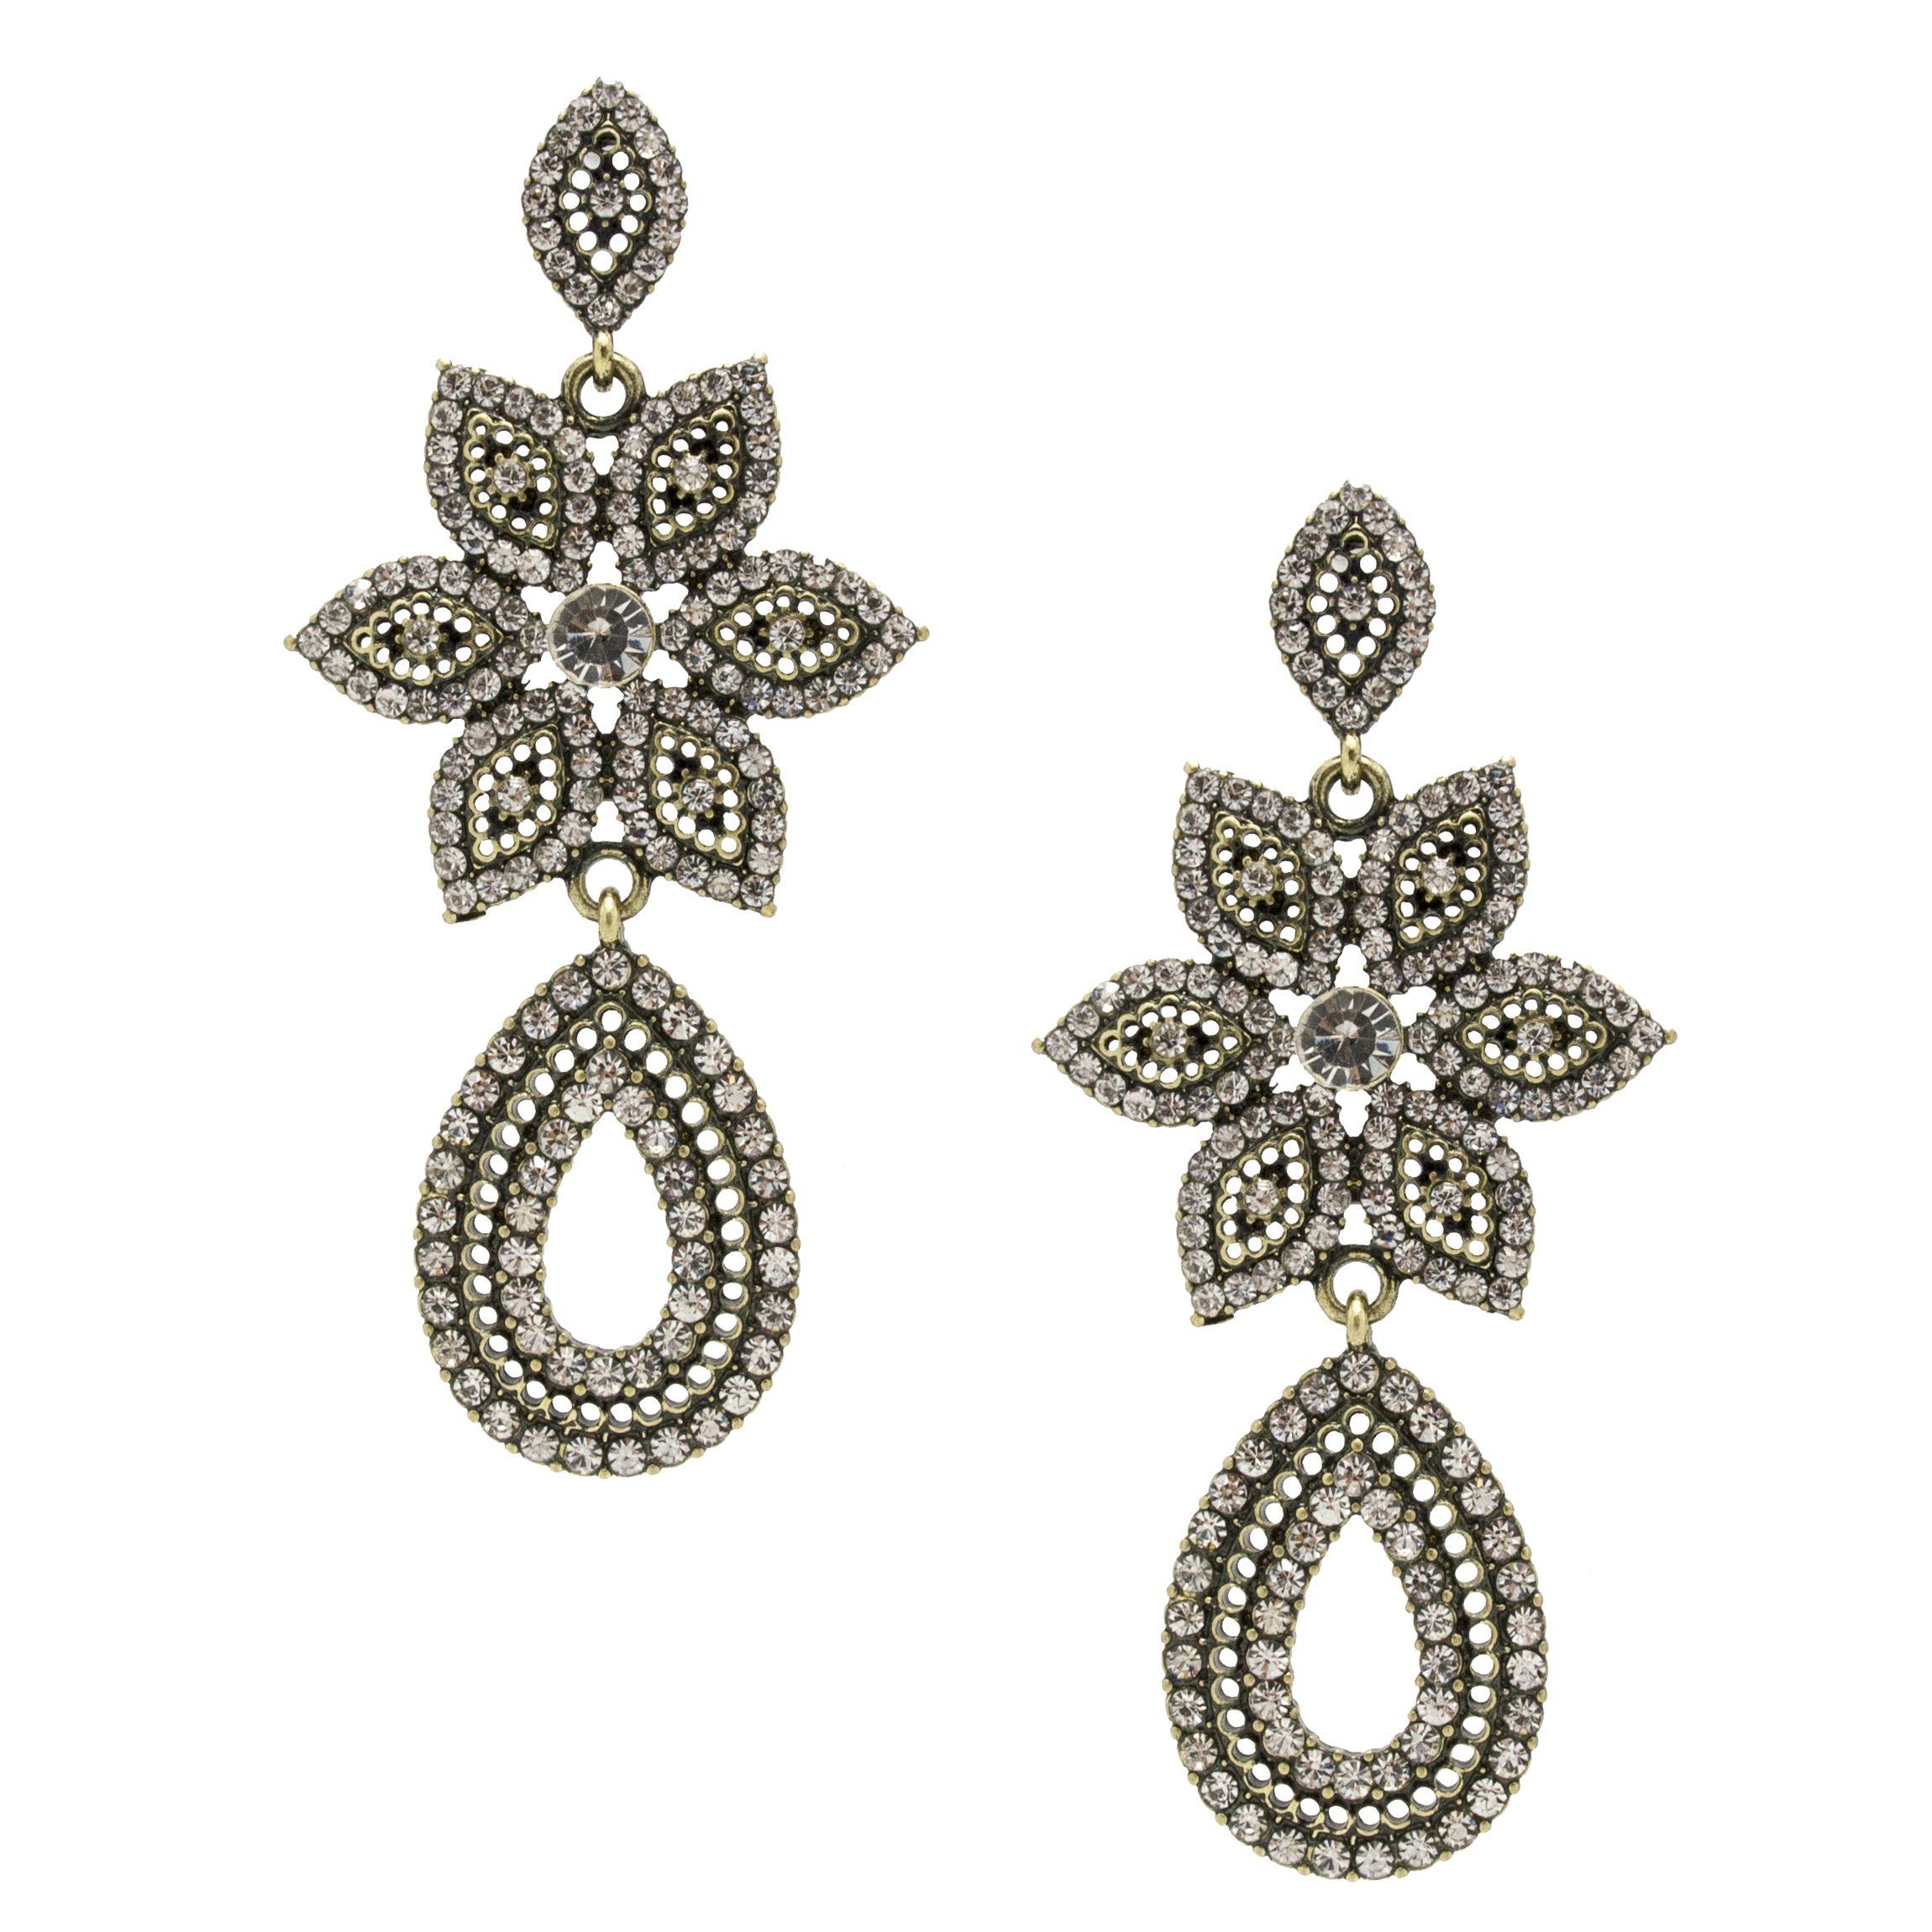 Maplewood Drop Earrings